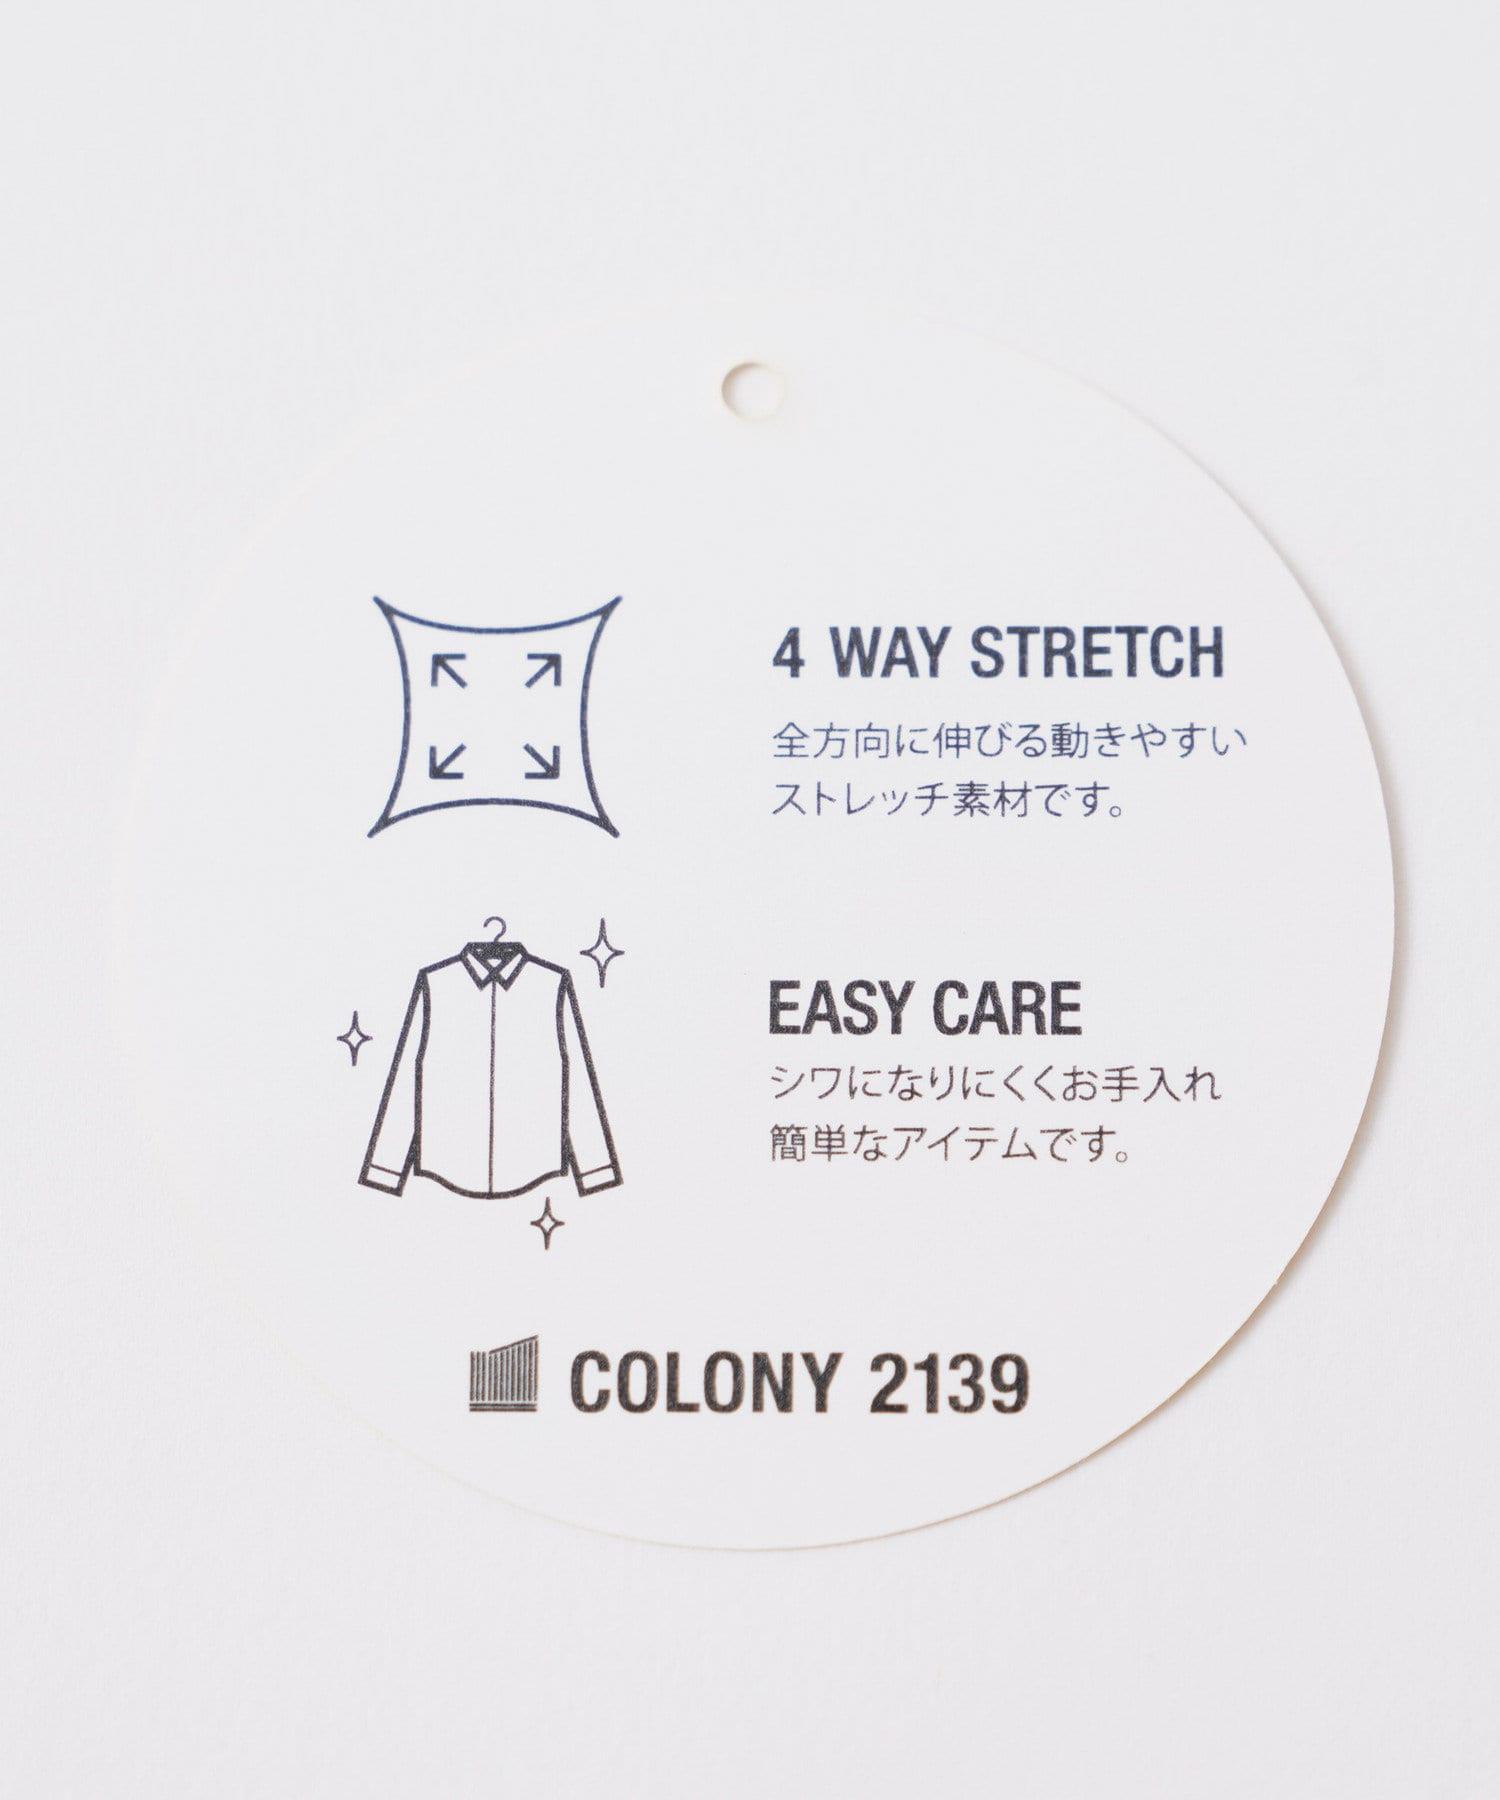 COLONY 2139(コロニー トゥーワンスリーナイン) ストレッチイージーケアパンツ(バルーン)/ワイドテーパード ※セットアップ対応